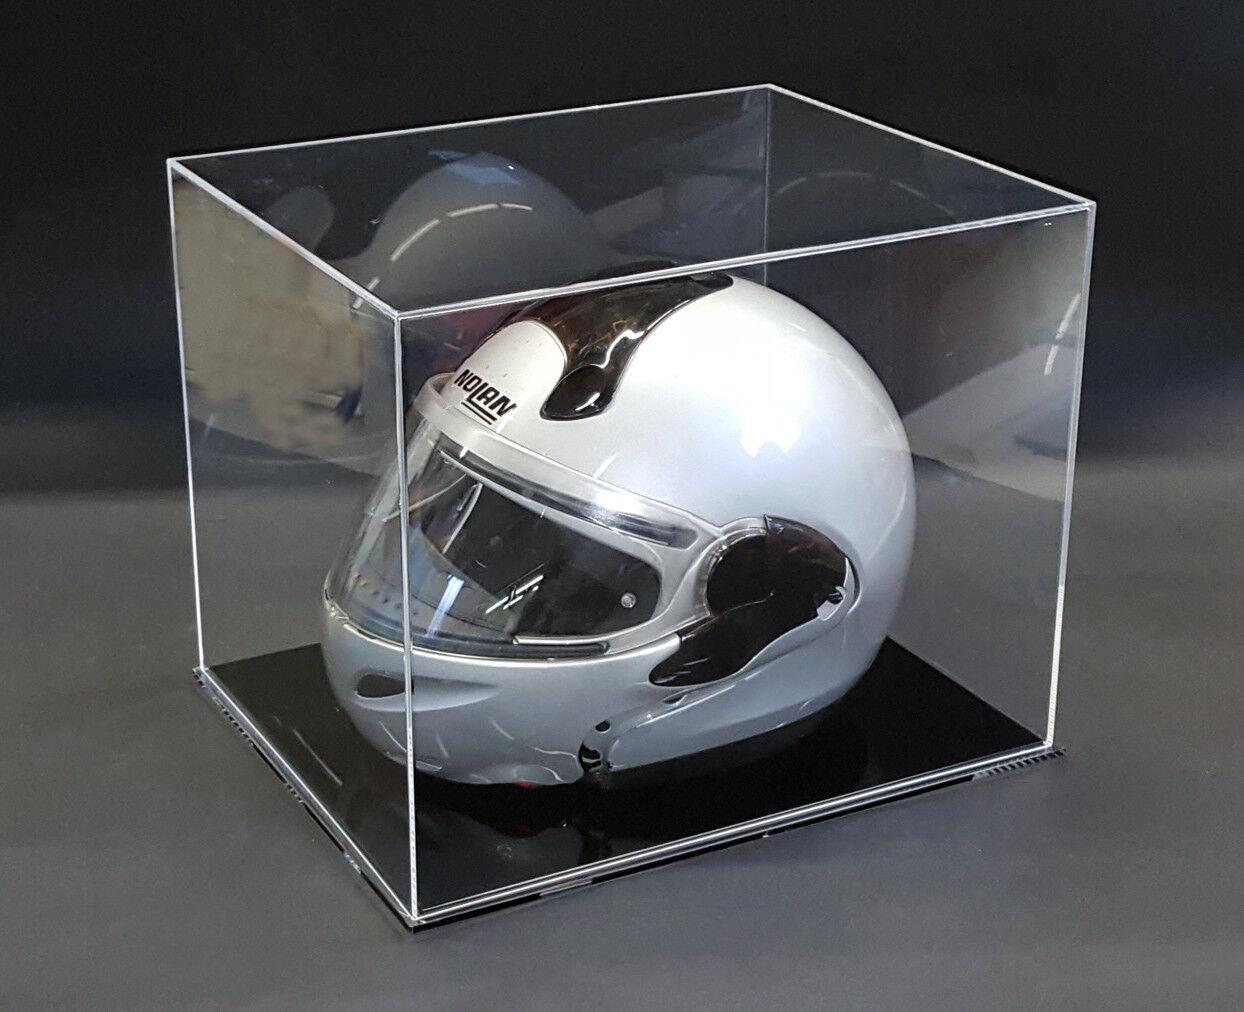 Teca - vetrinetta per casco auto / moto in plexiglass. Cm. 40 x 32 x H. 30